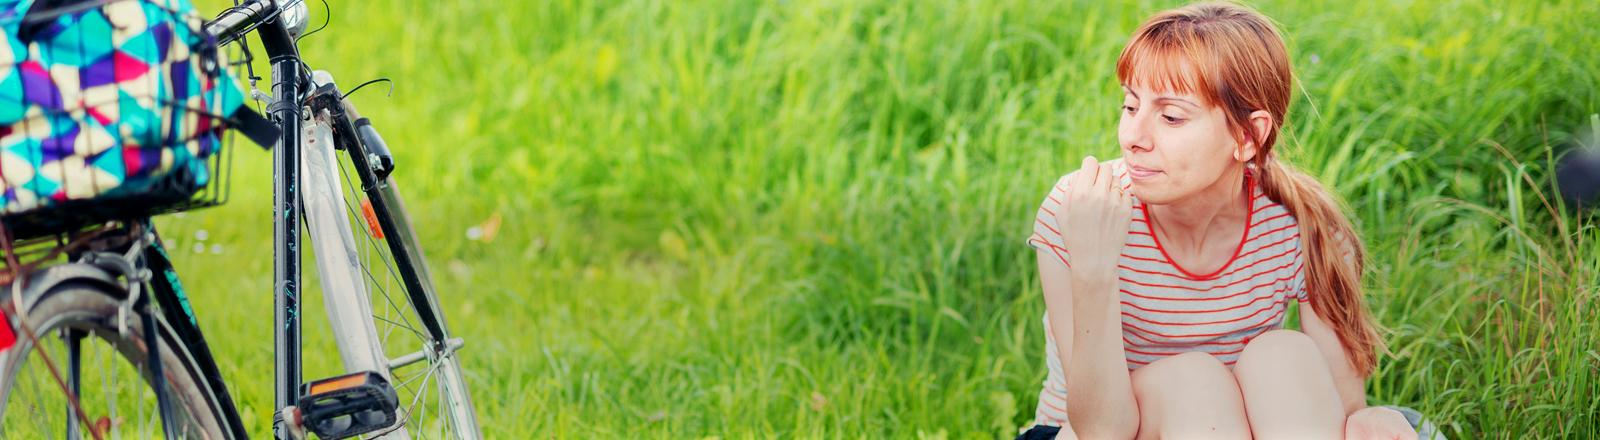 Eine Frau sitzt im Gras neben ihrem Fahrrad.